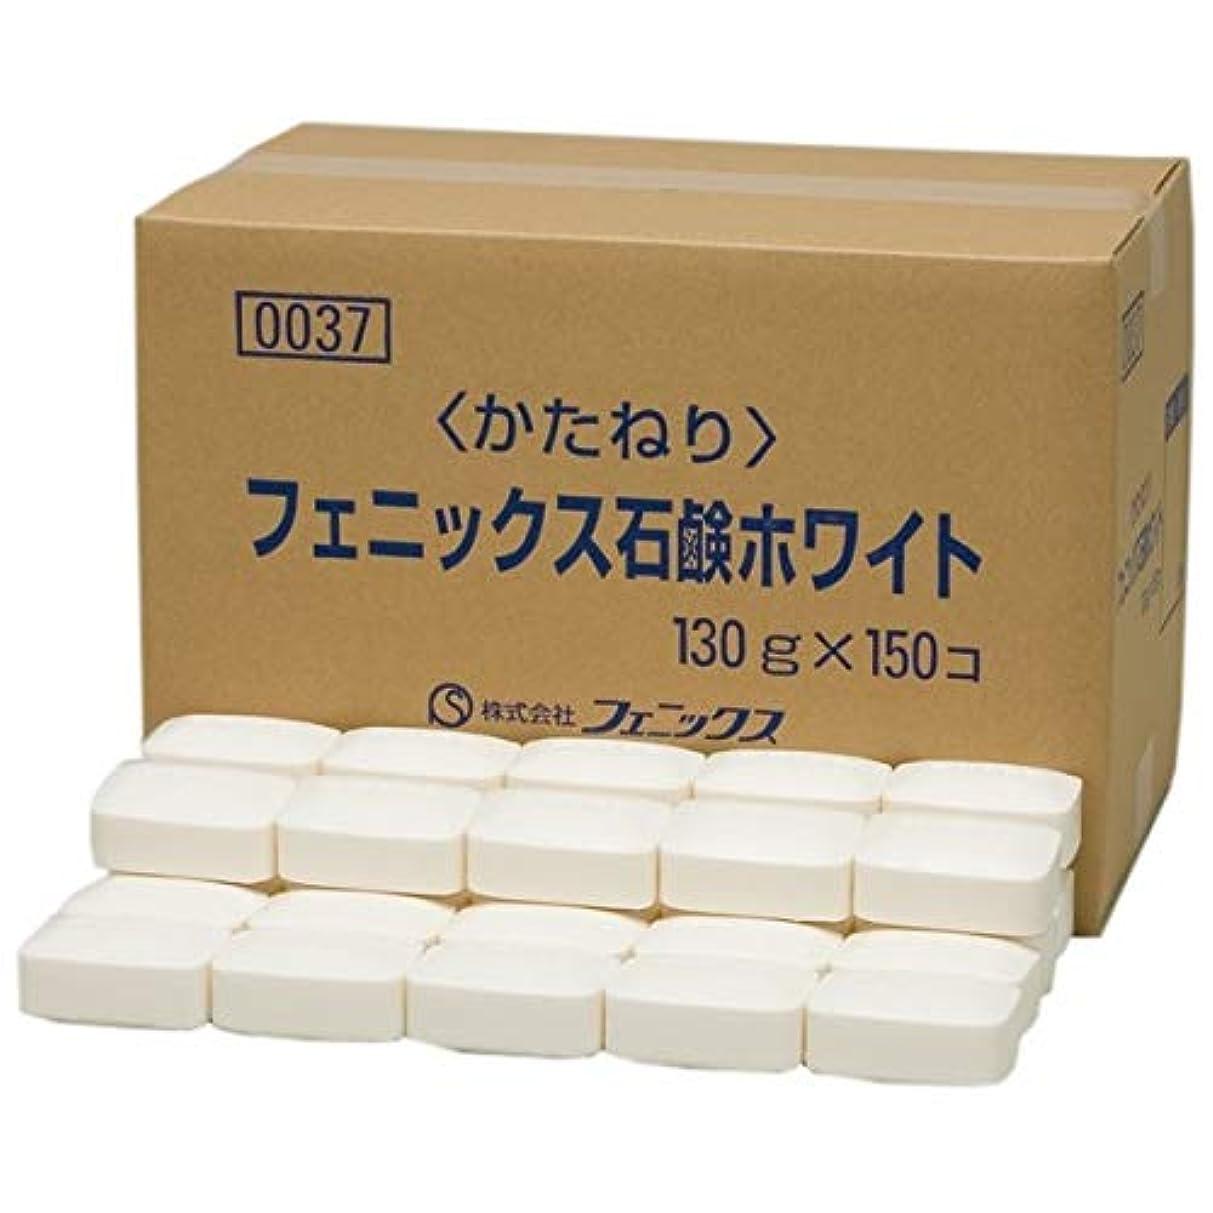 悪意構成員鬼ごっこフェニックスホワイト石鹸 130g×150個入